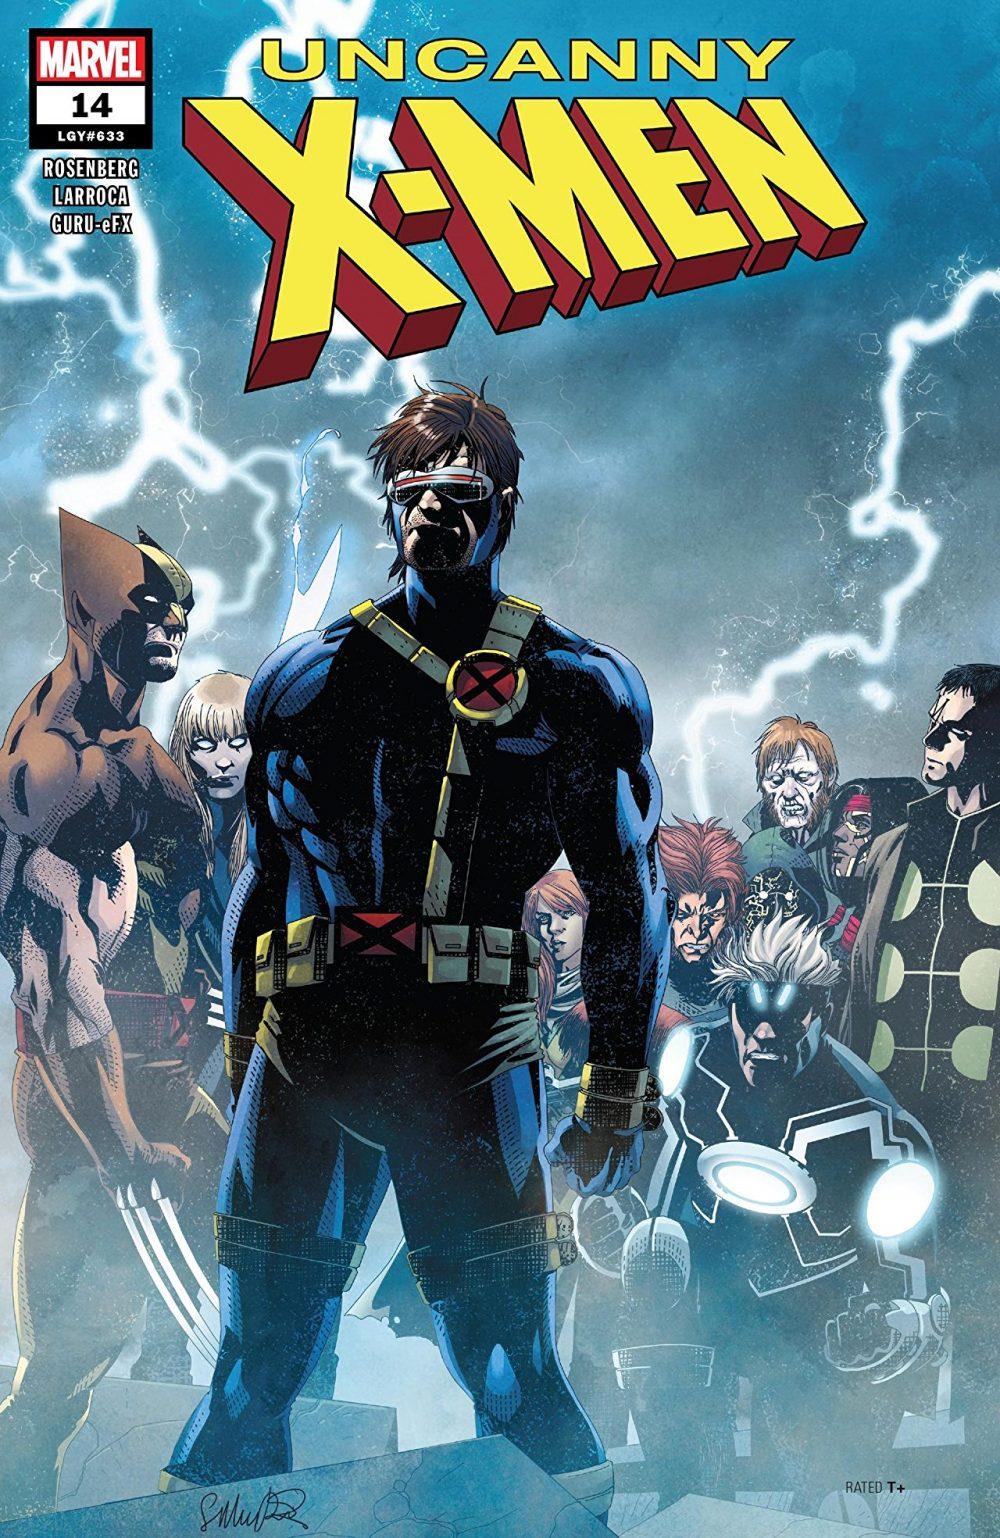 Uncanny X-Men #14, copertina di Salvador Larroca